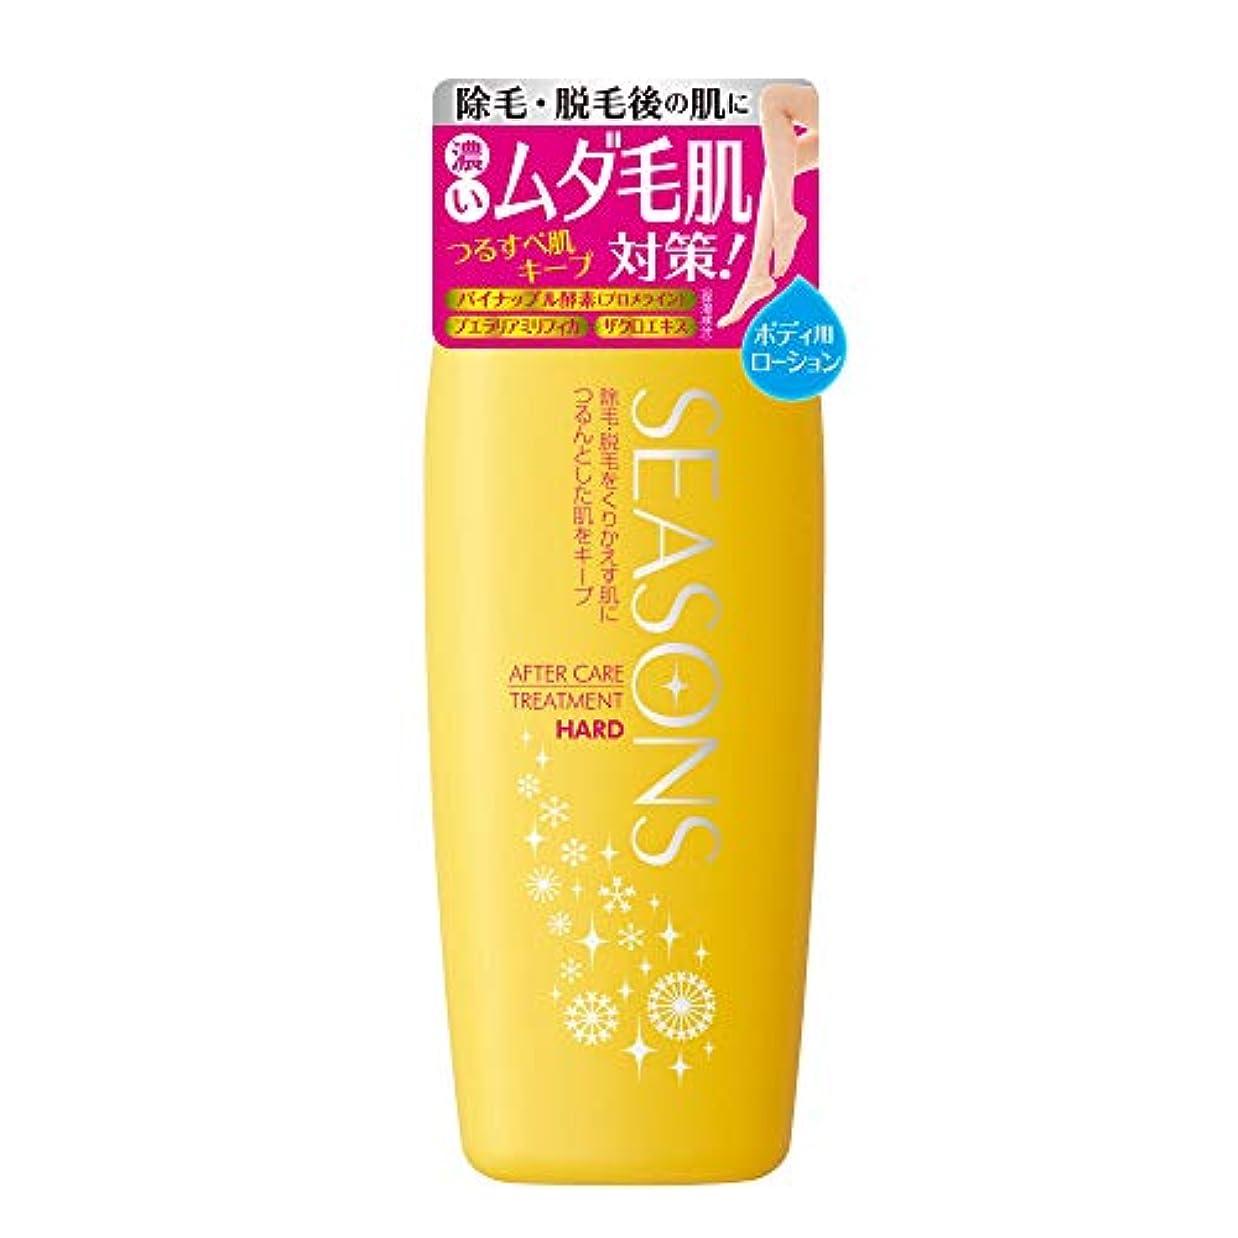 艶剃る明色化粧品 シーズンズ アフターケアトリートメント (ハード) 200mL